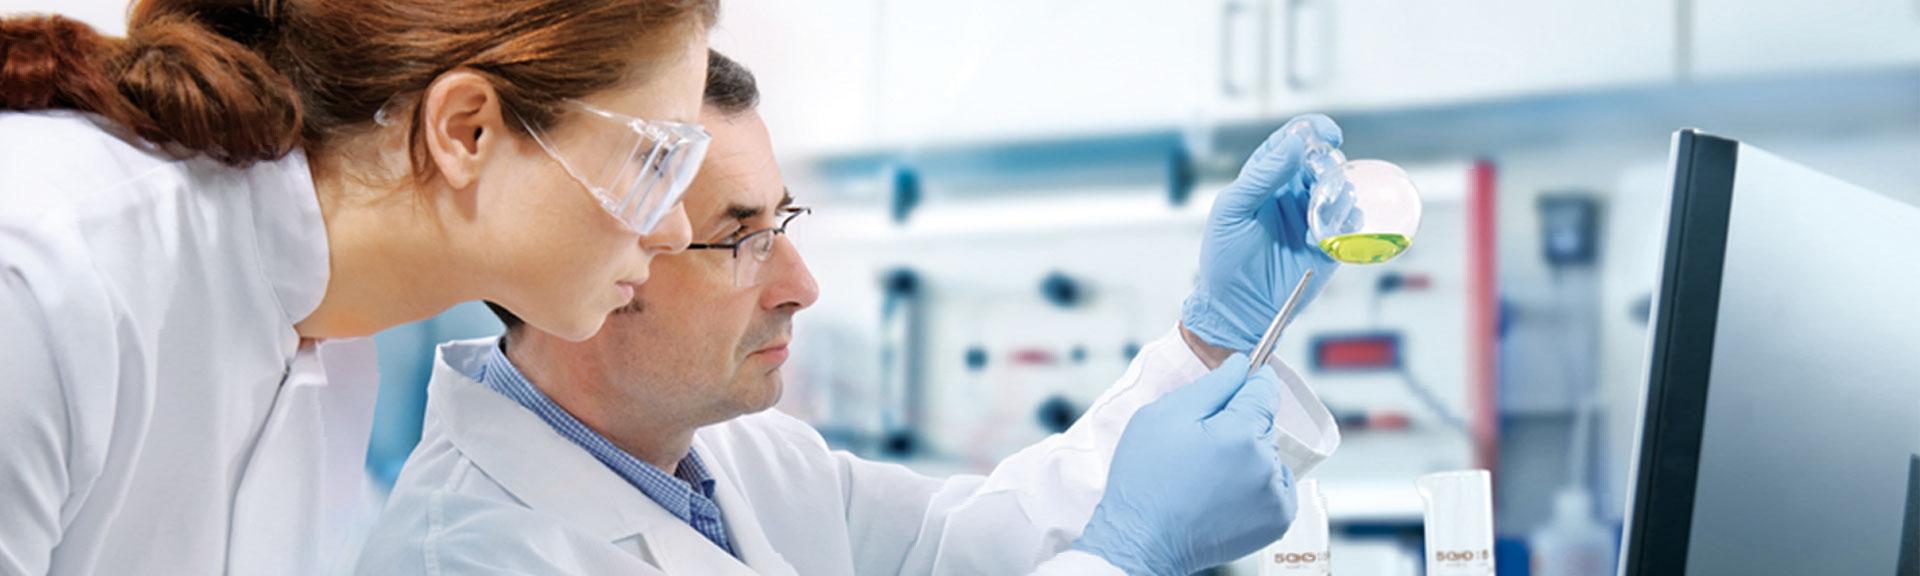 Vlaženje in razvlaževanje zraka v farmacevtski industriji